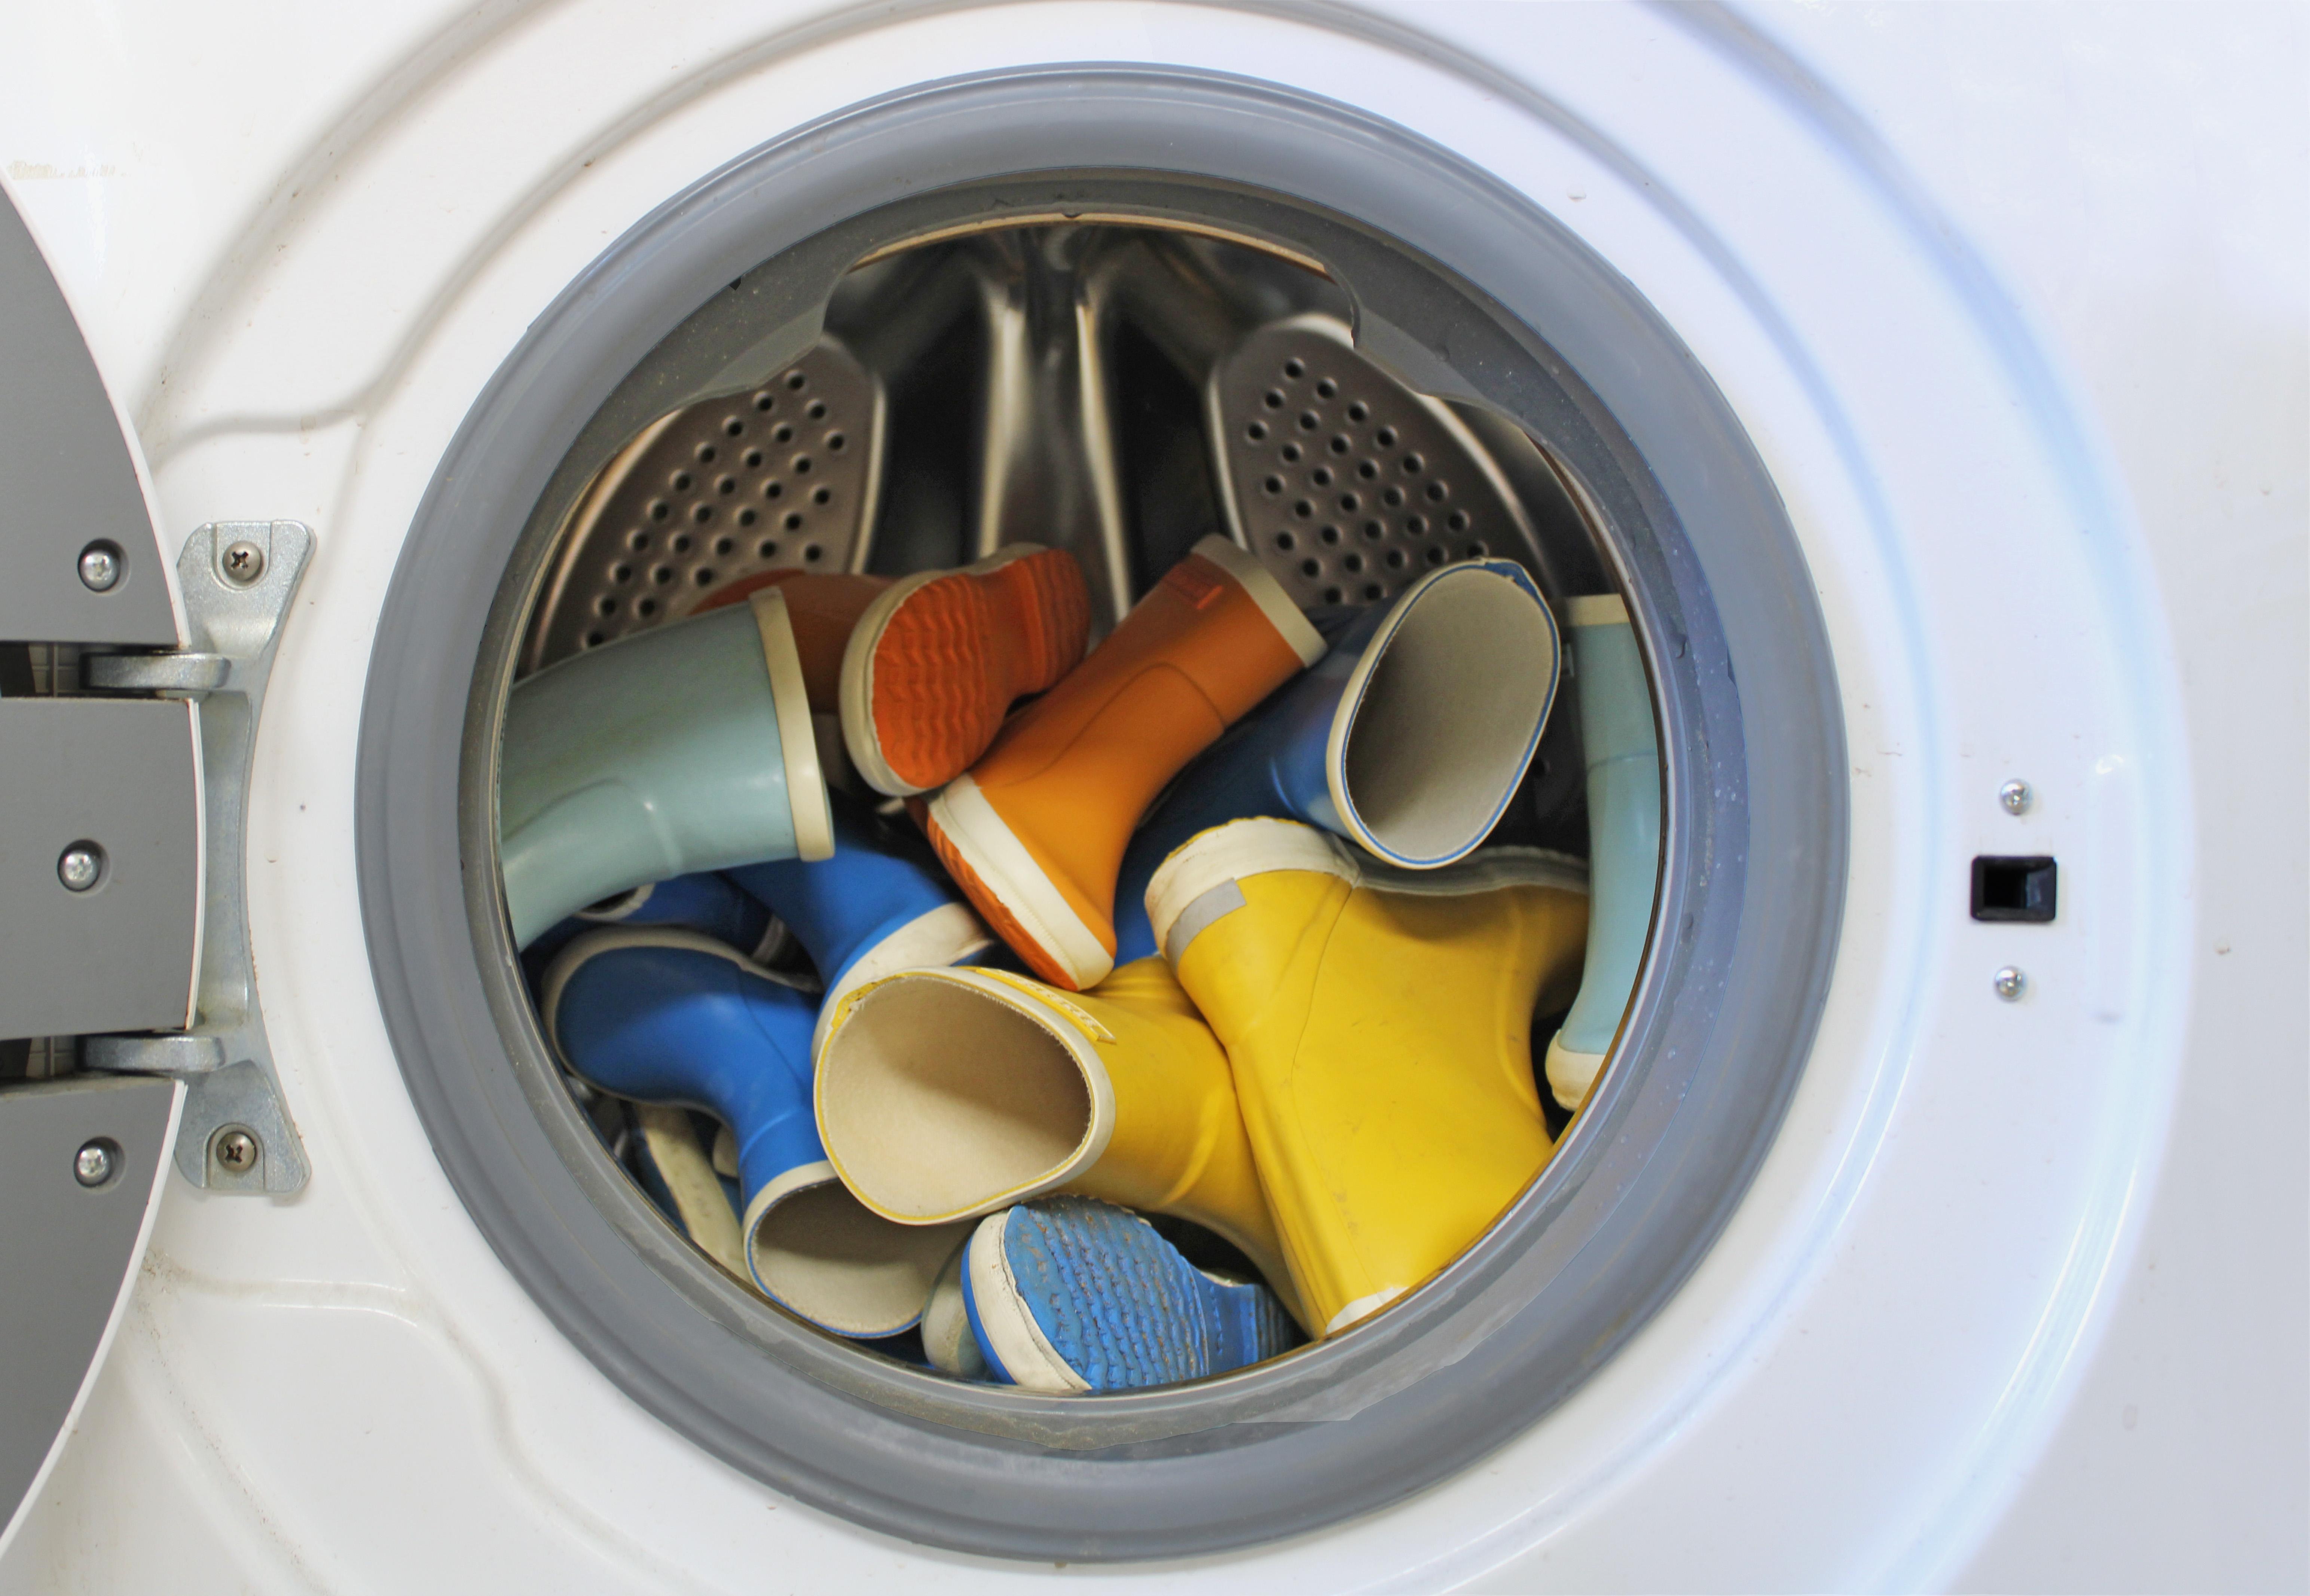 Gummistiefel in der Waschmaschine